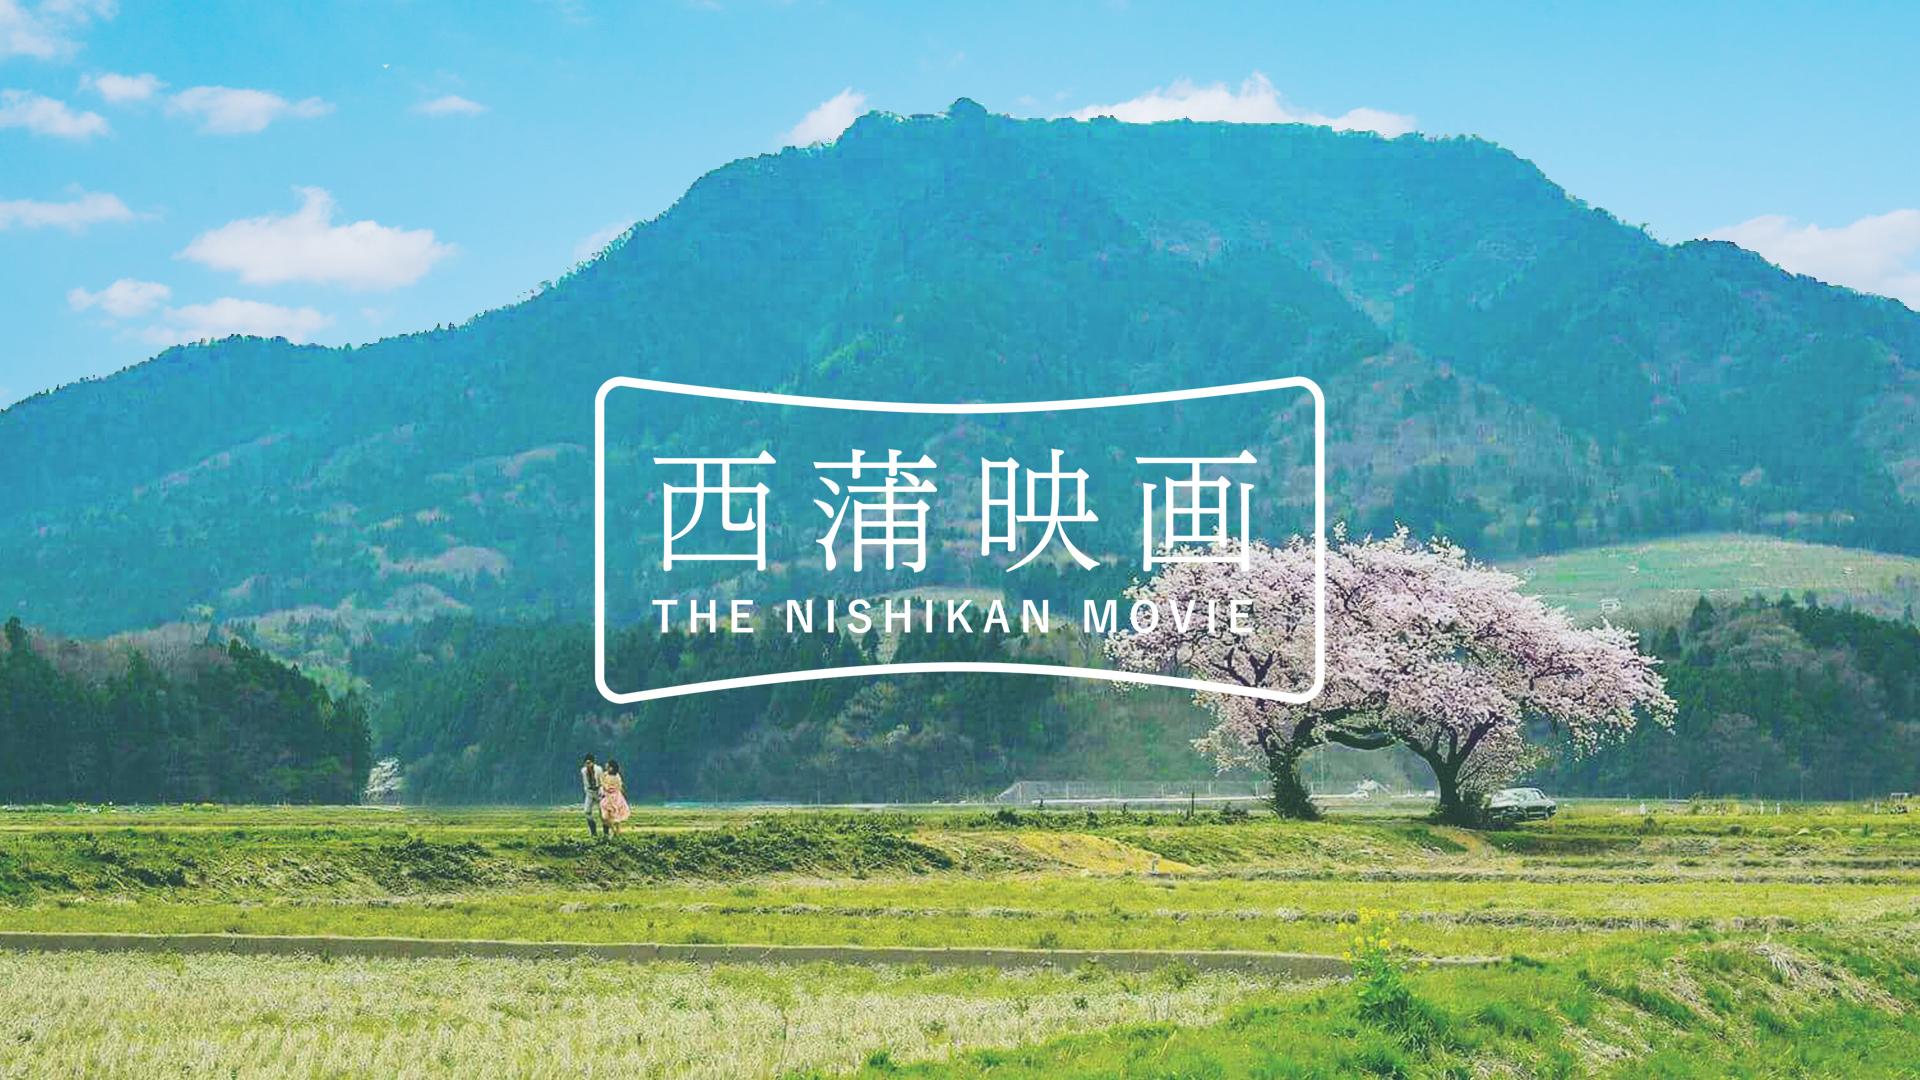 西蒲映画PR002.jpg